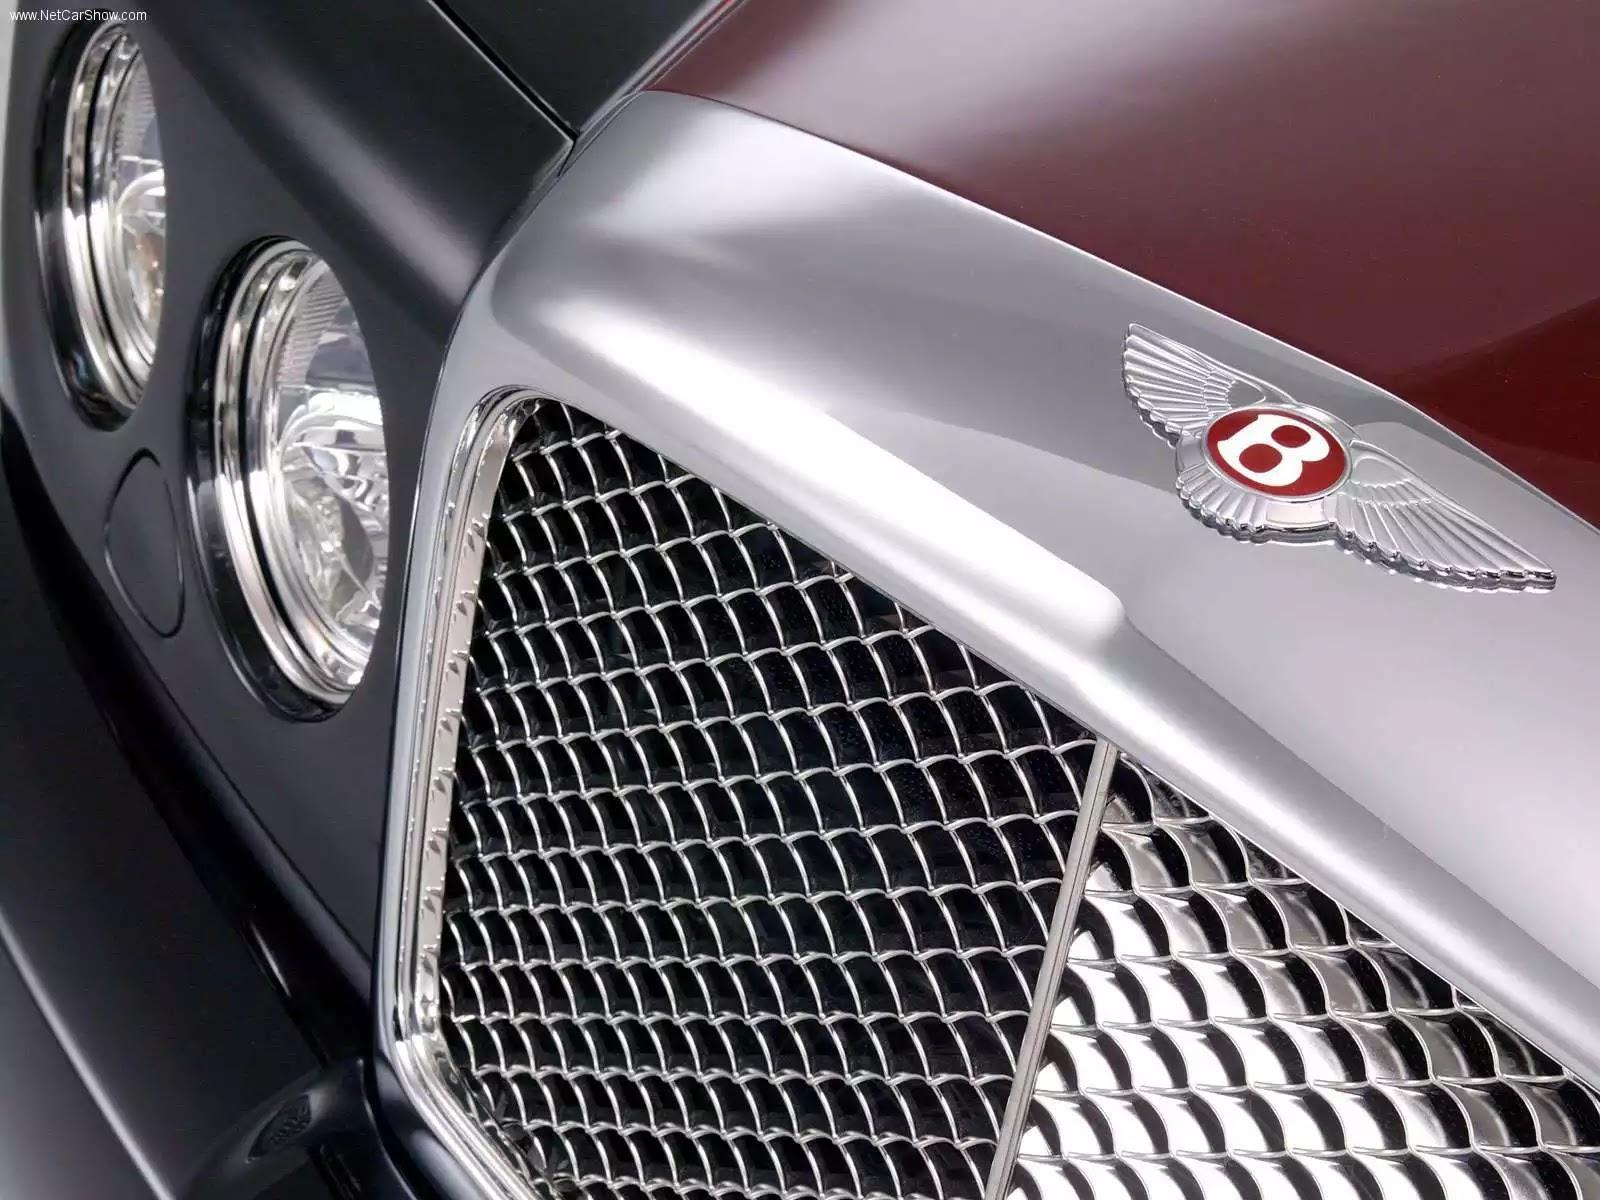 Hình ảnh xe ô tô Bentley Arnage Limousine 2005 & nội ngoại thất